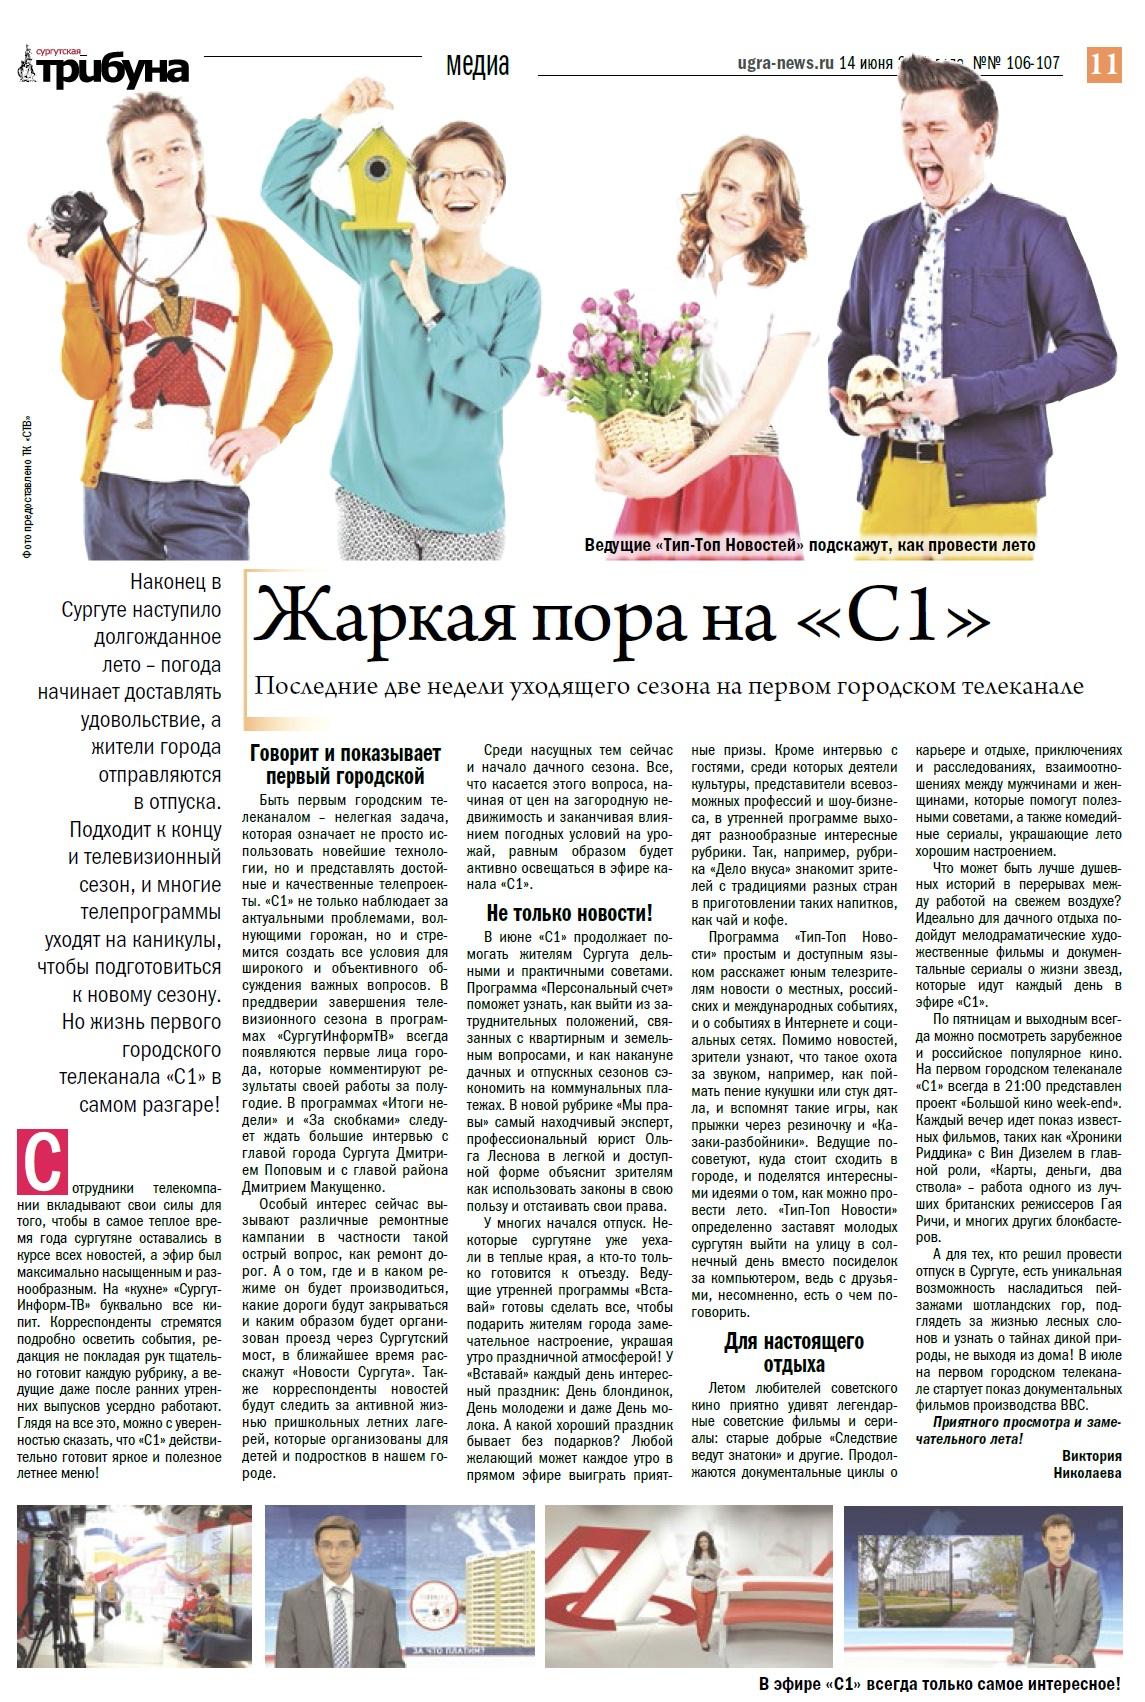 Арина шарапова последние новости